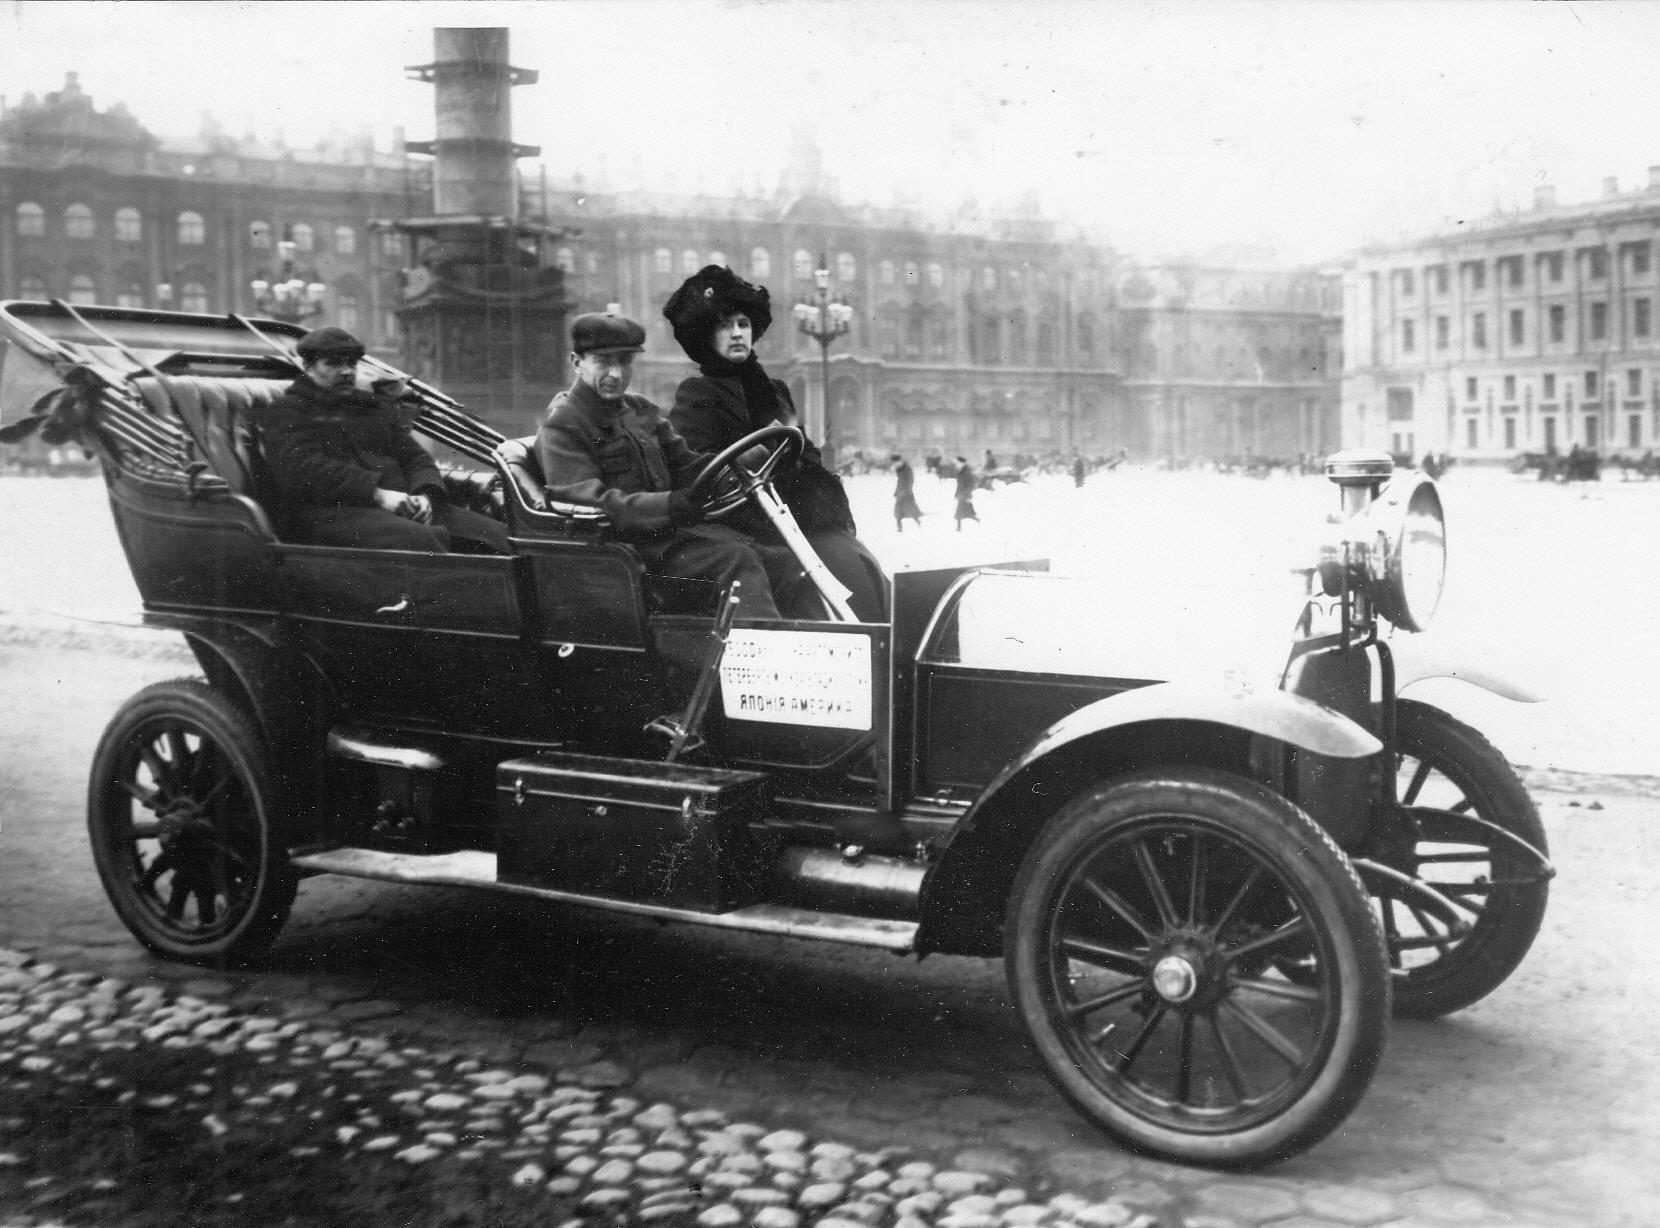 04. Автомобили с участниками пробега на Дворцовой площади перед началом старта